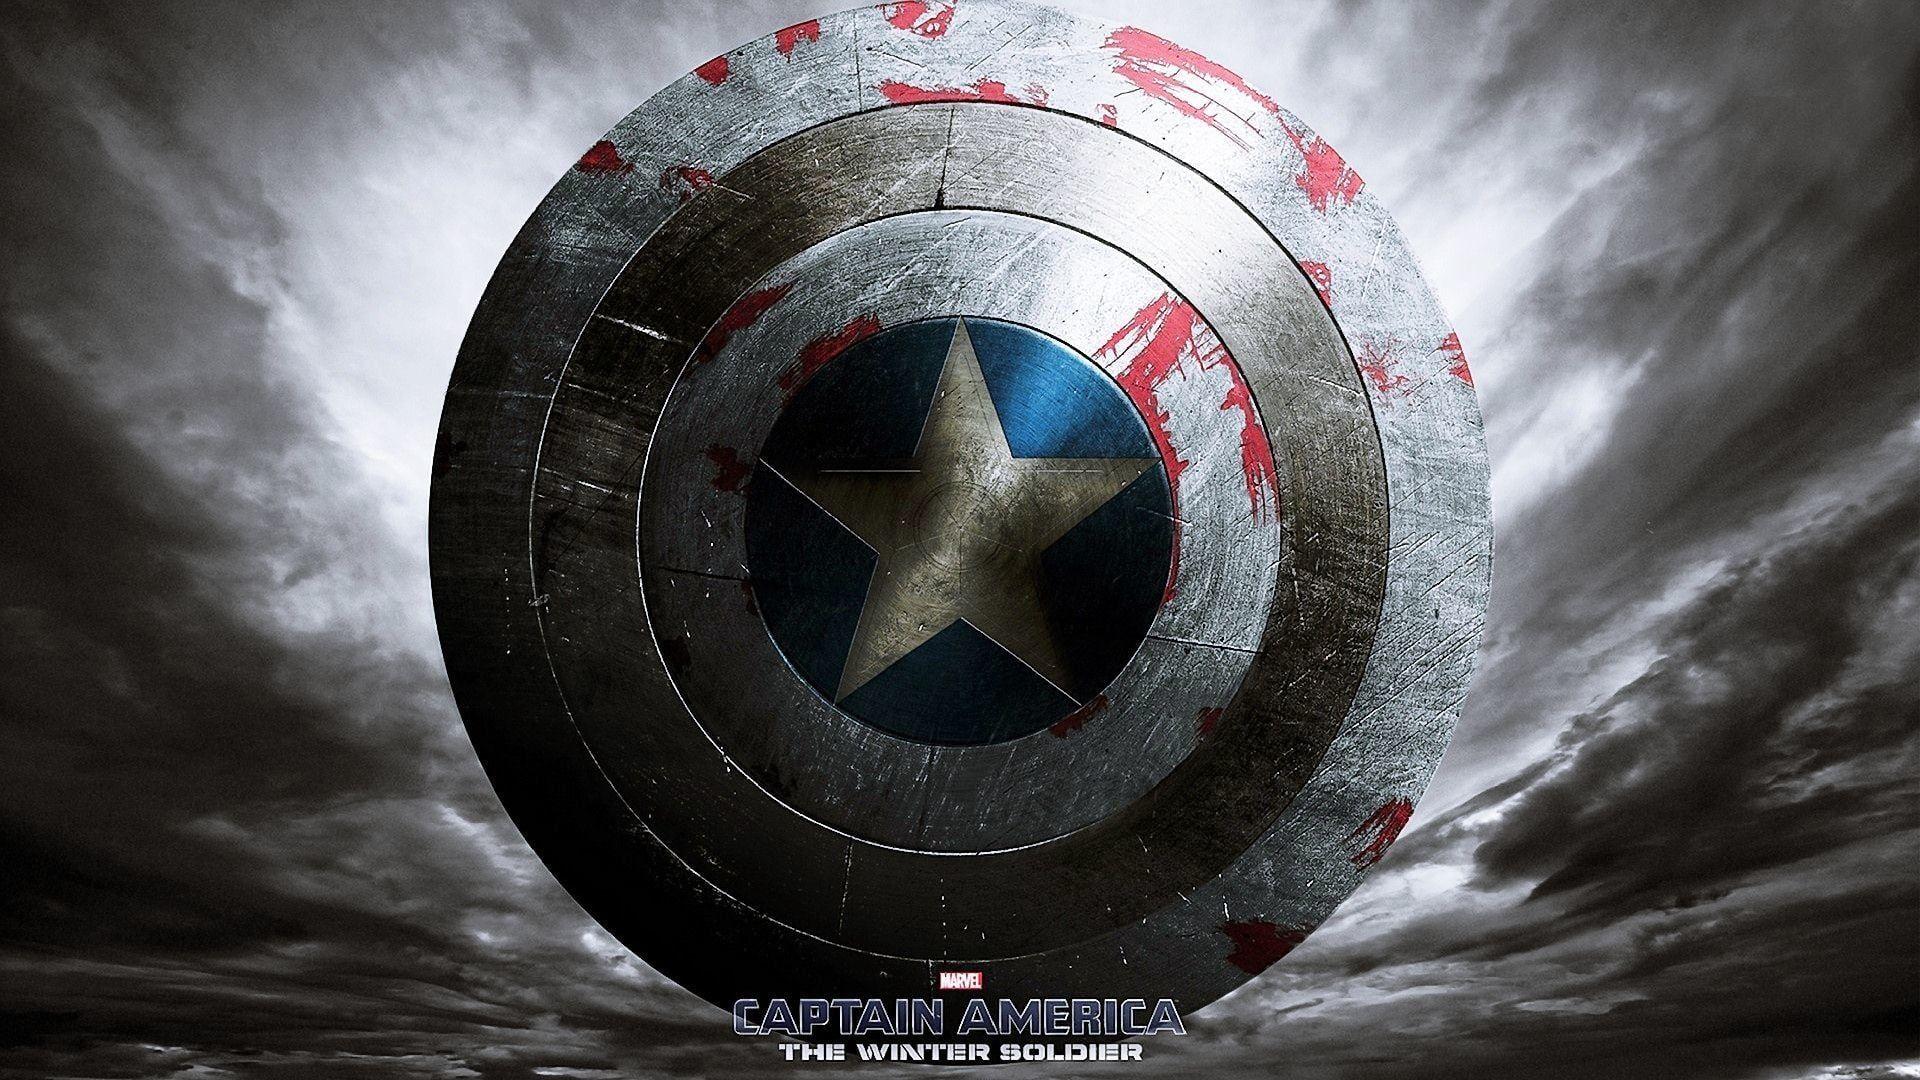 Captain America The Winter Soldier 2014 Streaming Ita Cb01 Film Completo Italiano Altadefinizione Ambientatosi Nei Nostri Giorni Steve Rogers Continua A Servir